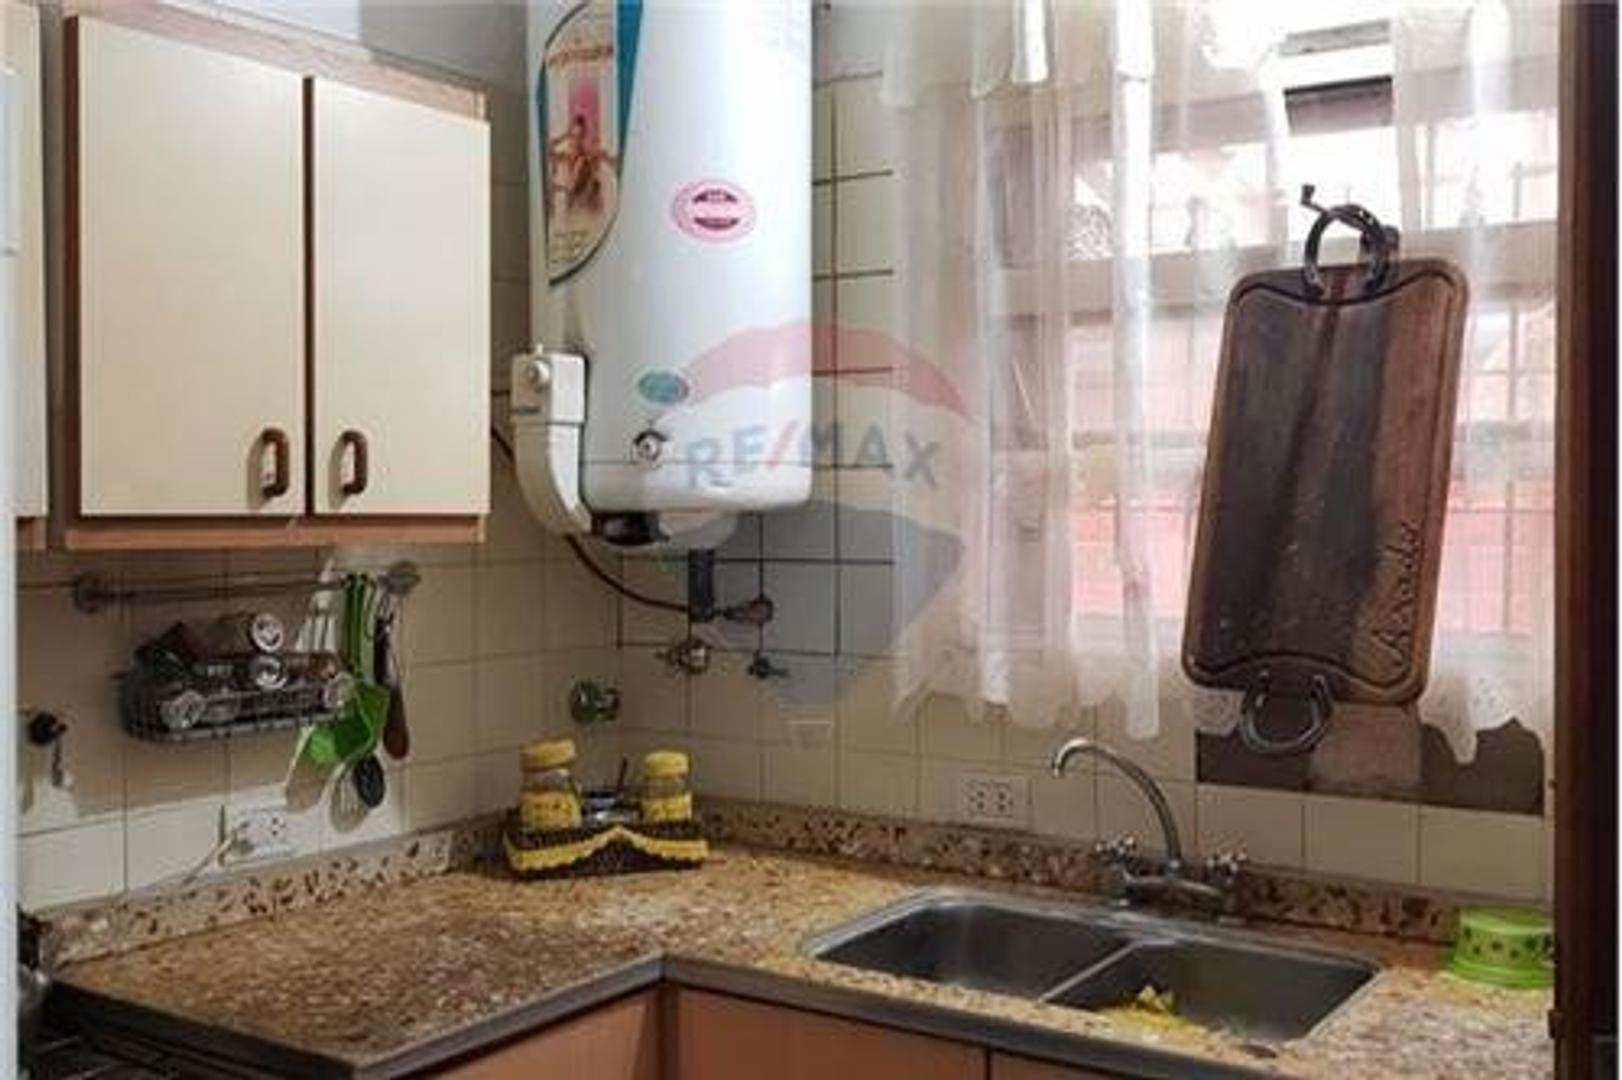 Casa - 100 m² | 3 dormitorios | 49 años